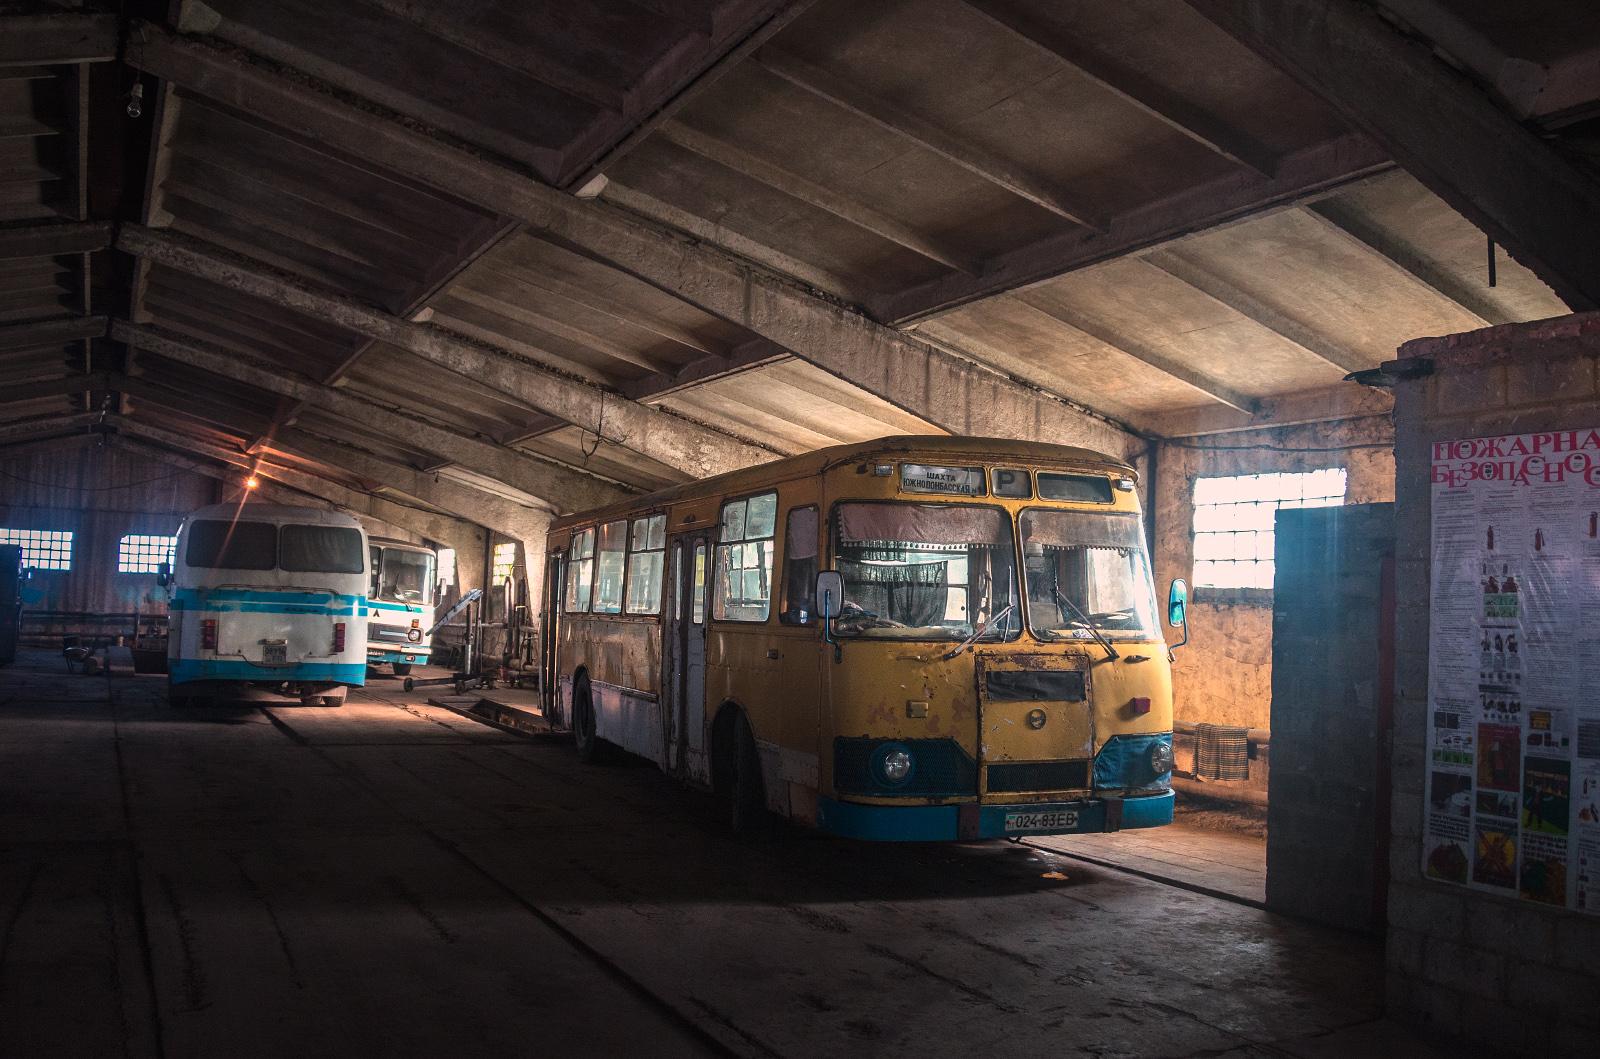 ЛиАЗ-677М №024-83 ЕВ. Донецька область, Вугледар, шахта Південнодонбаська №1